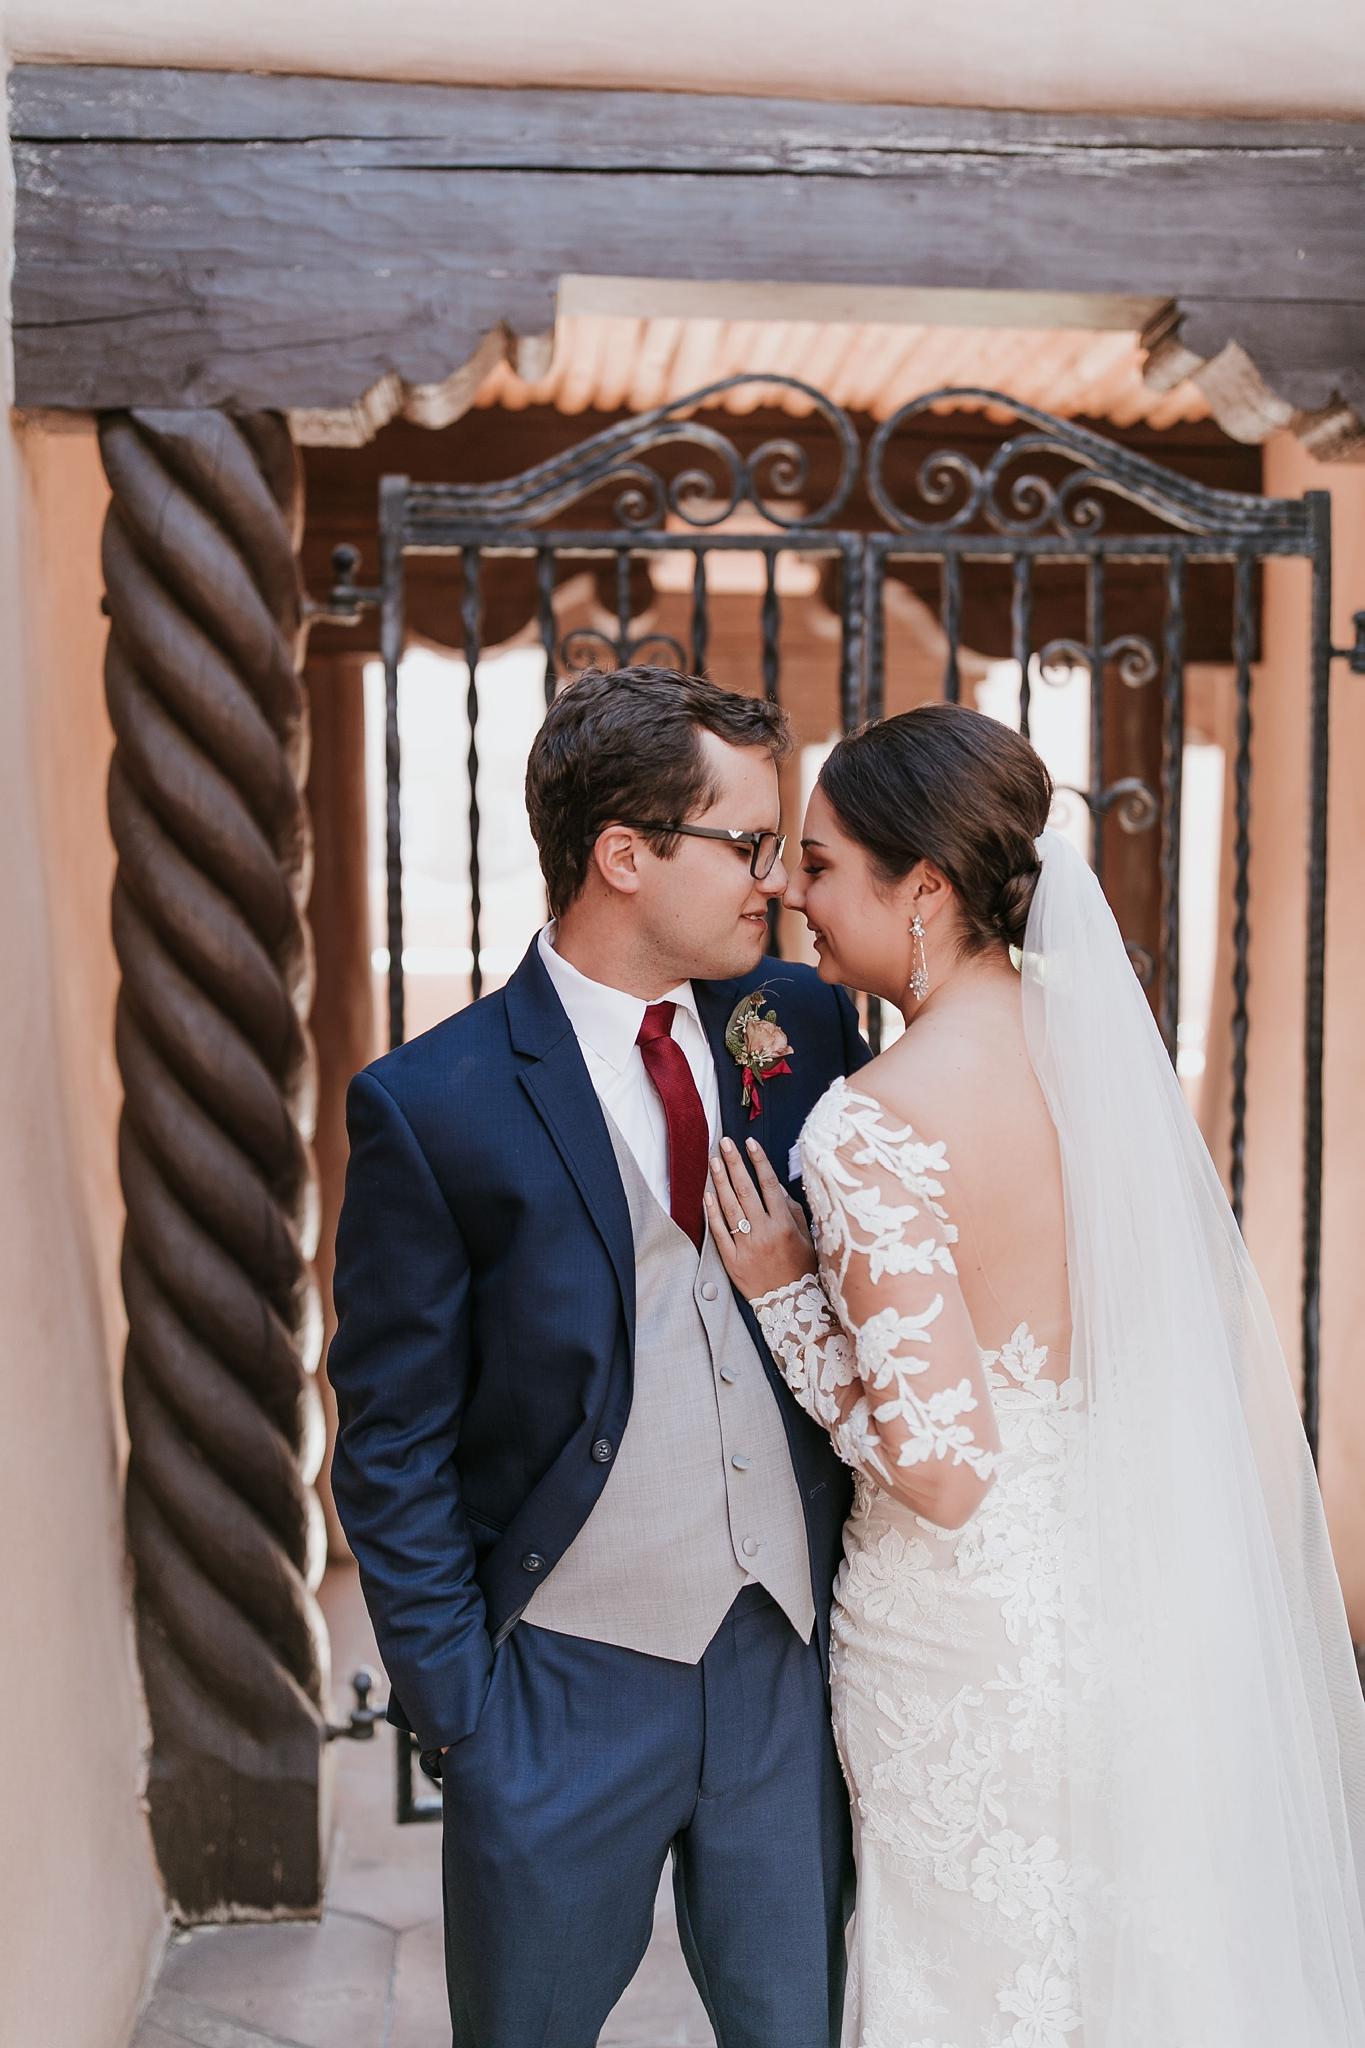 Alicia+lucia+photography+-+albuquerque+wedding+photographer+-+santa+fe+wedding+photography+-+new+mexico+wedding+photographer+-+new+mexico+wedding+-+wedding+photographer+-+wedding+photographer+team_0013.jpg